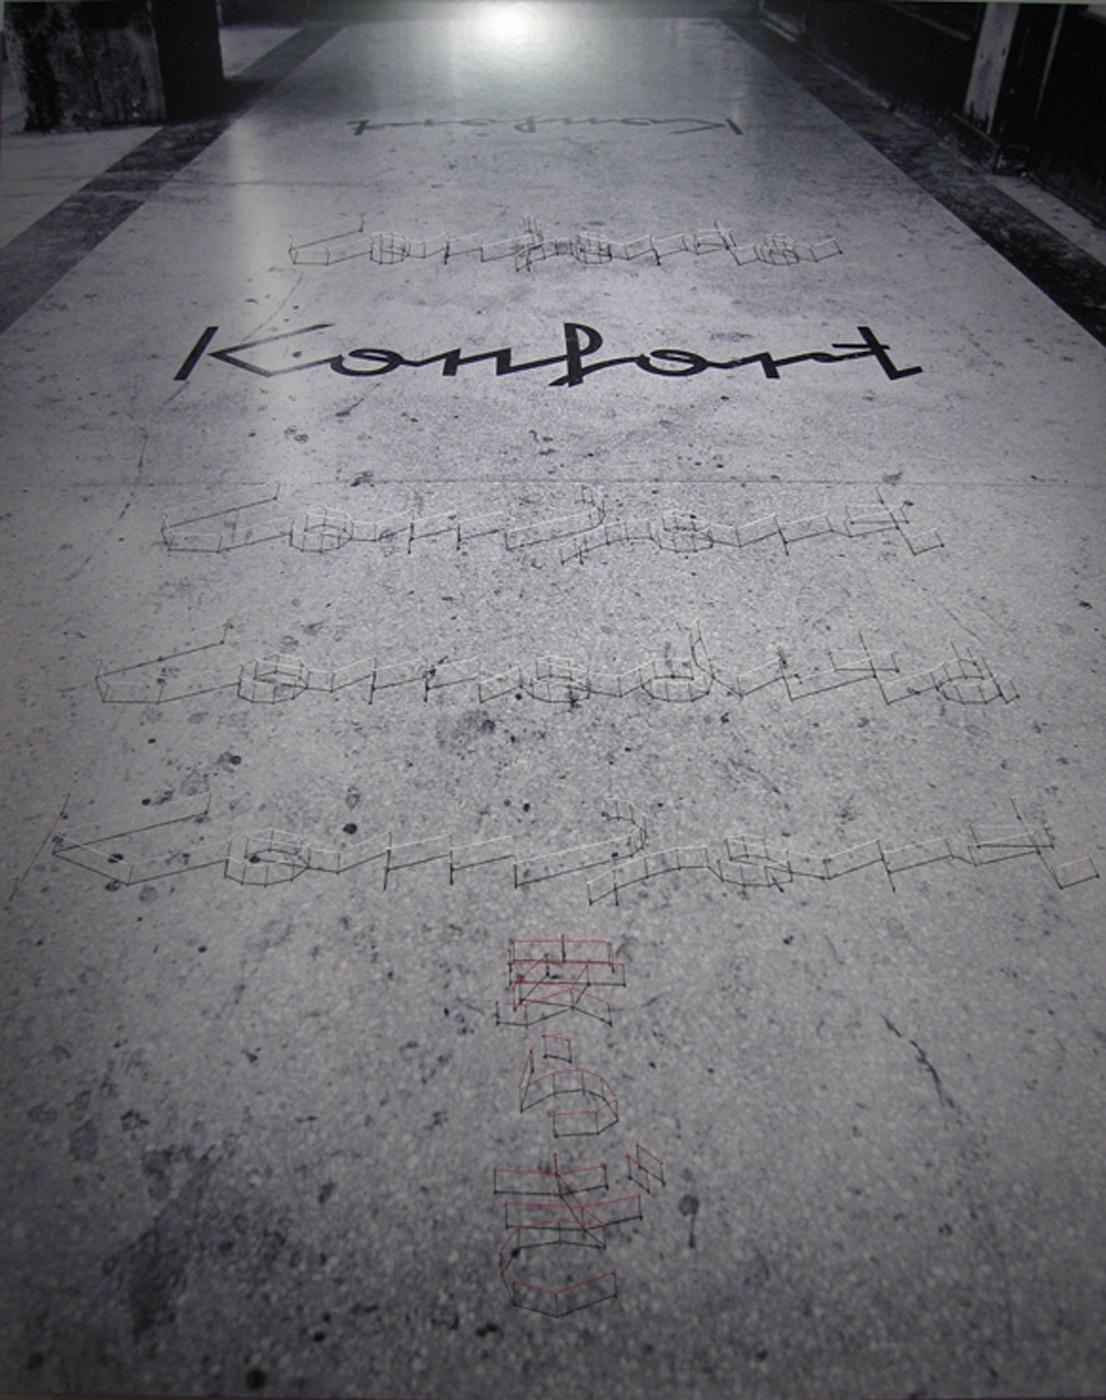 Carlos Garaicoa   Konfort , 2006 black and white photograph, thread, pins 59 3/4 x 48 inches 152 x 122 cm